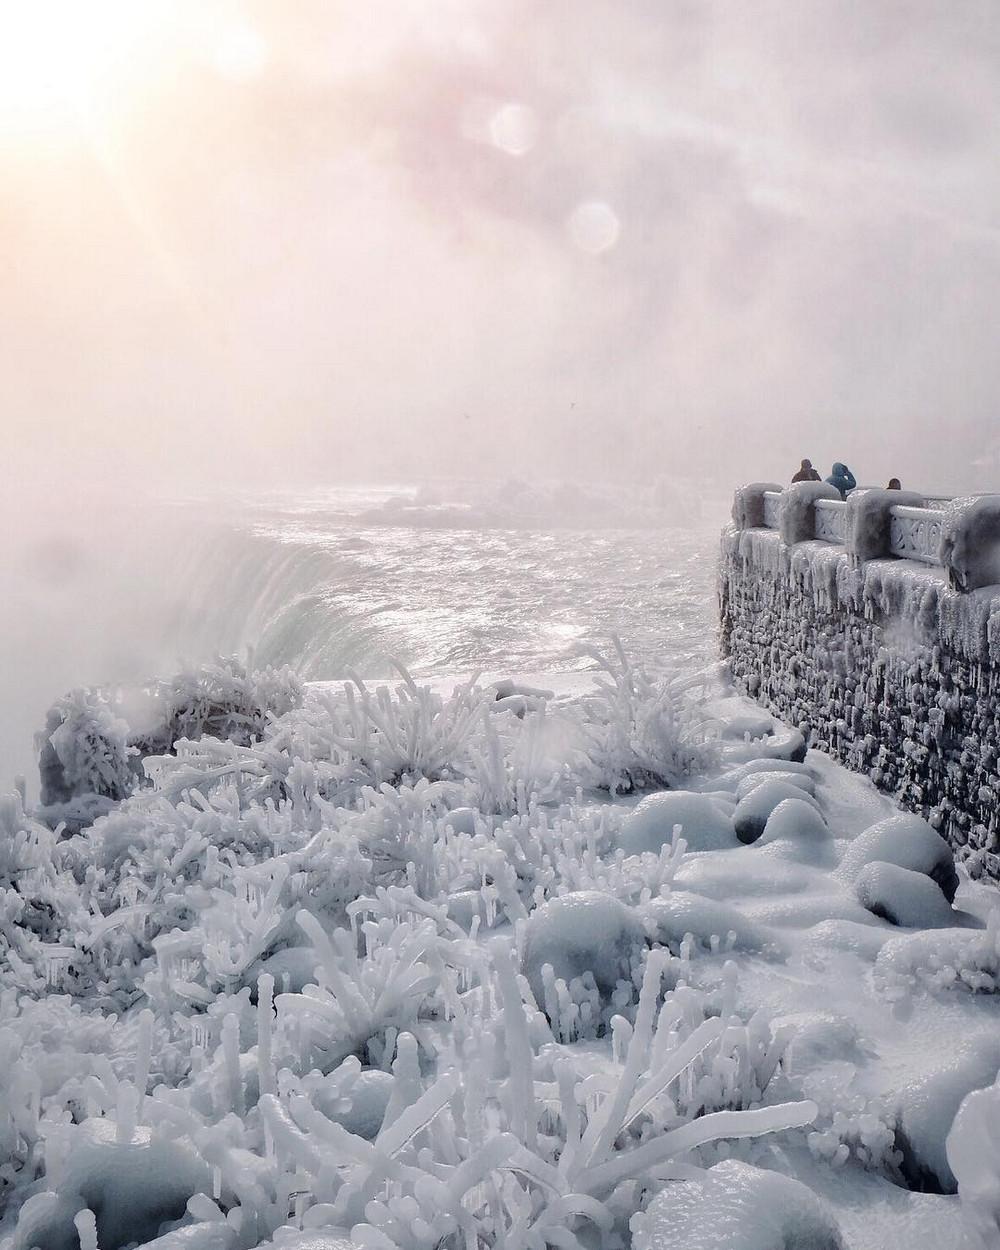 zamerzshiy Niagarskiy vodopad 2